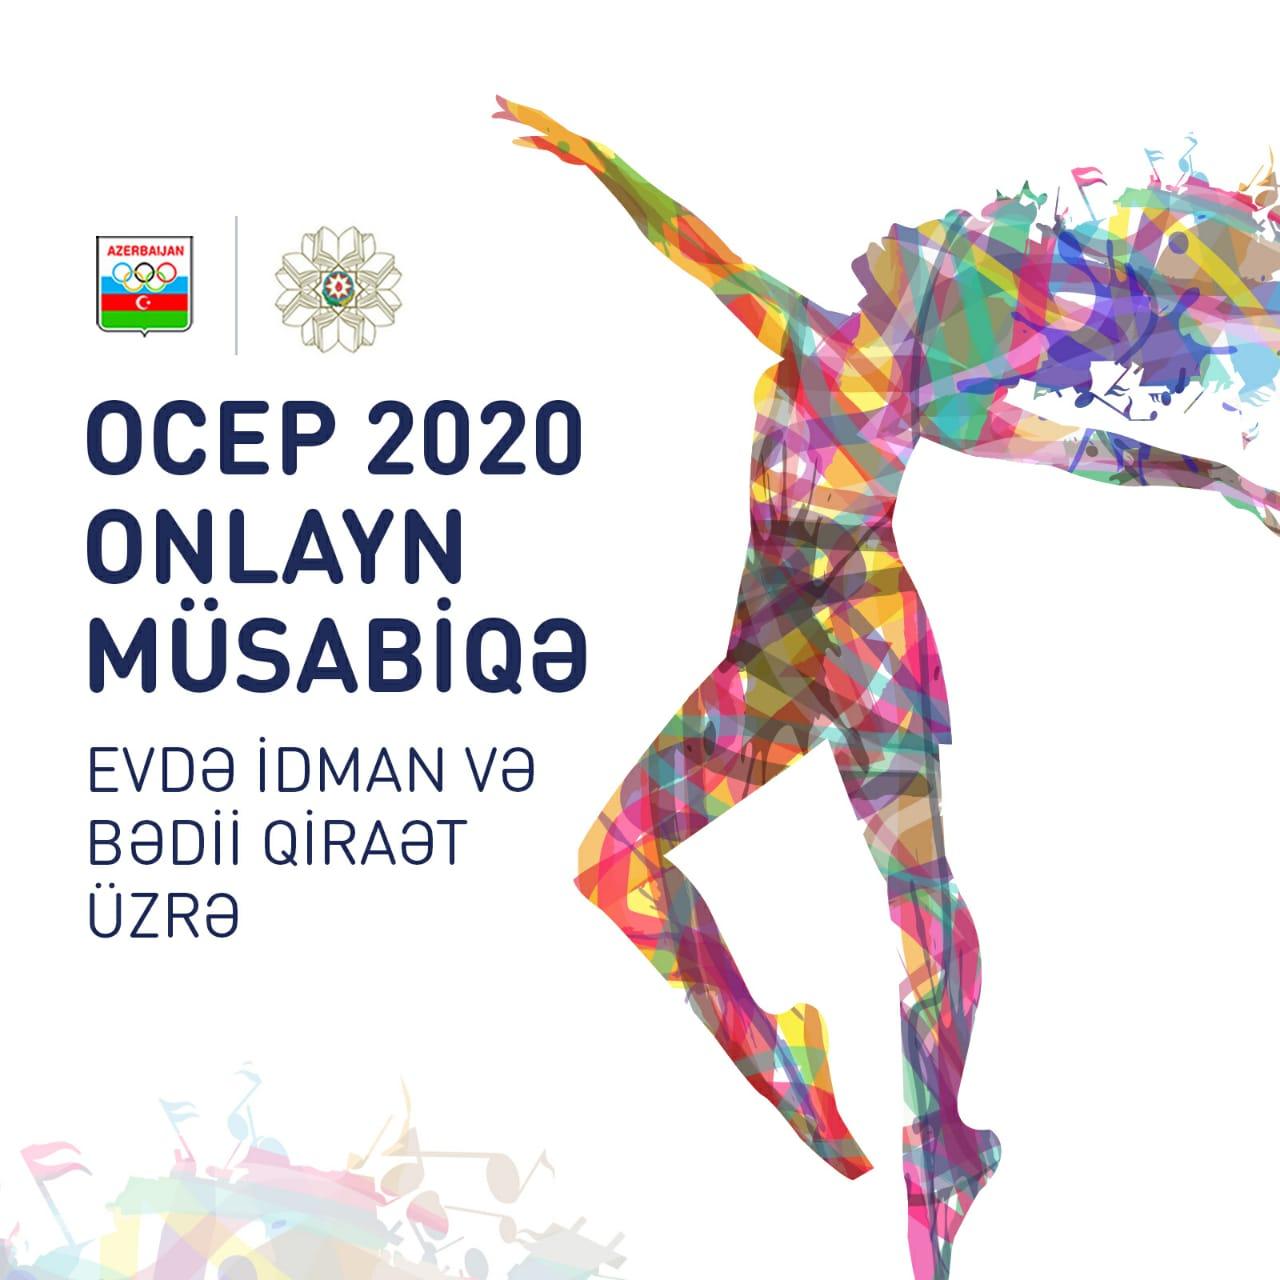 """OCEP 2020: """"Evdə idman və Bədii Qiraət"""" üzrə online müsabiqə"""